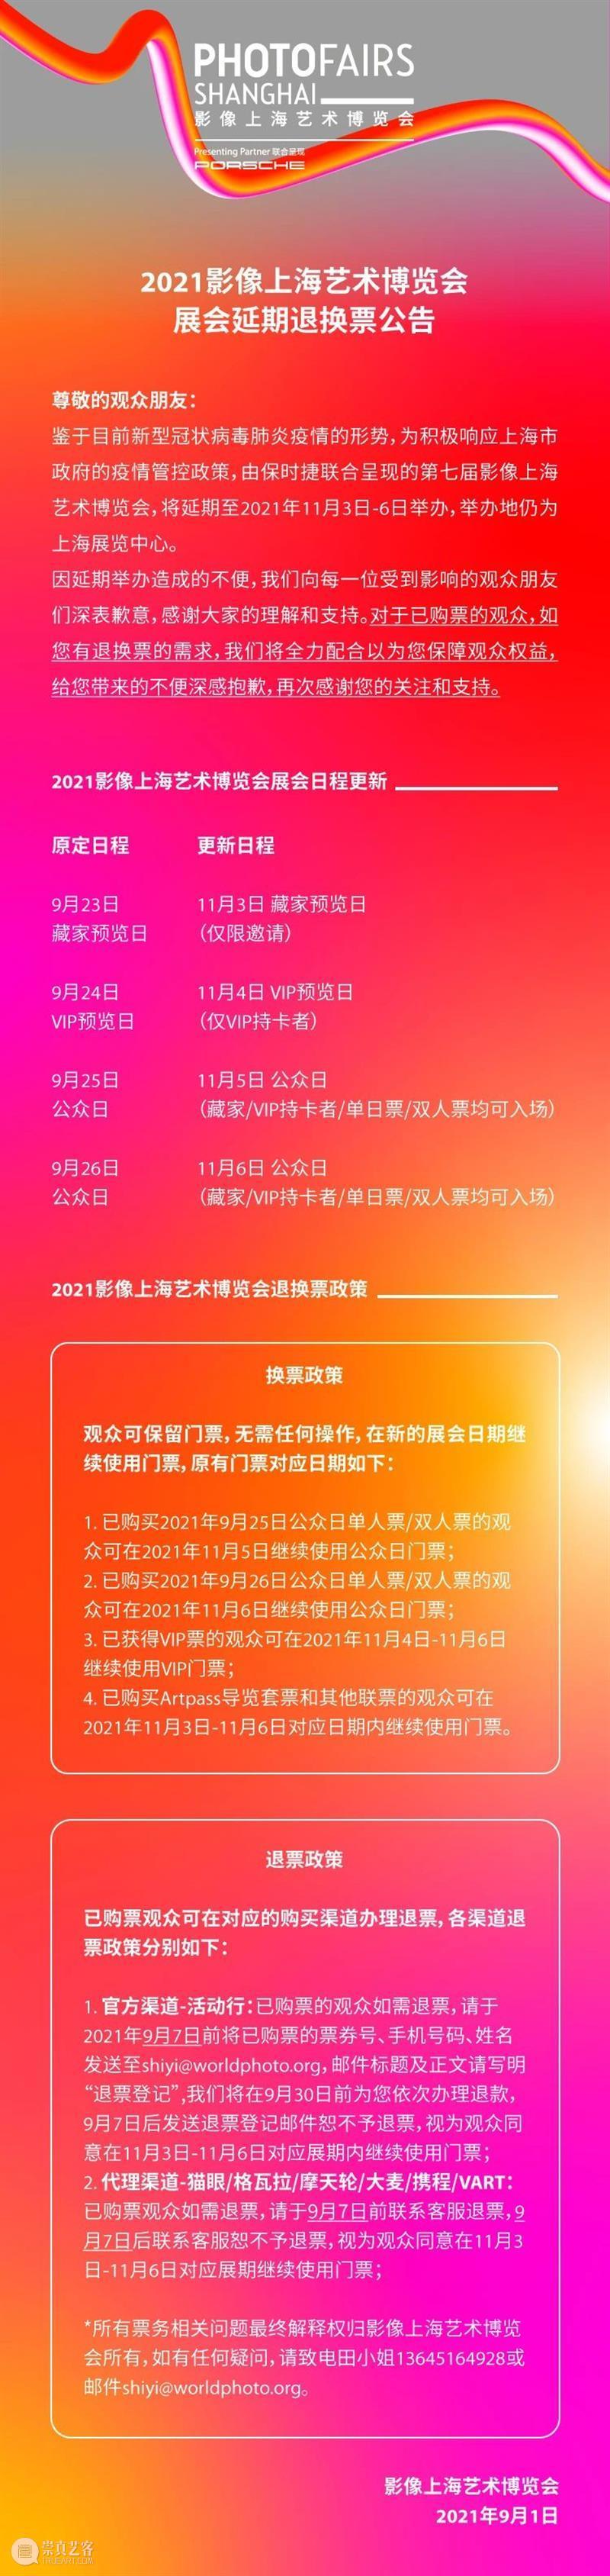 第七届影像上海艺术博览会退换票公告 崇真艺客